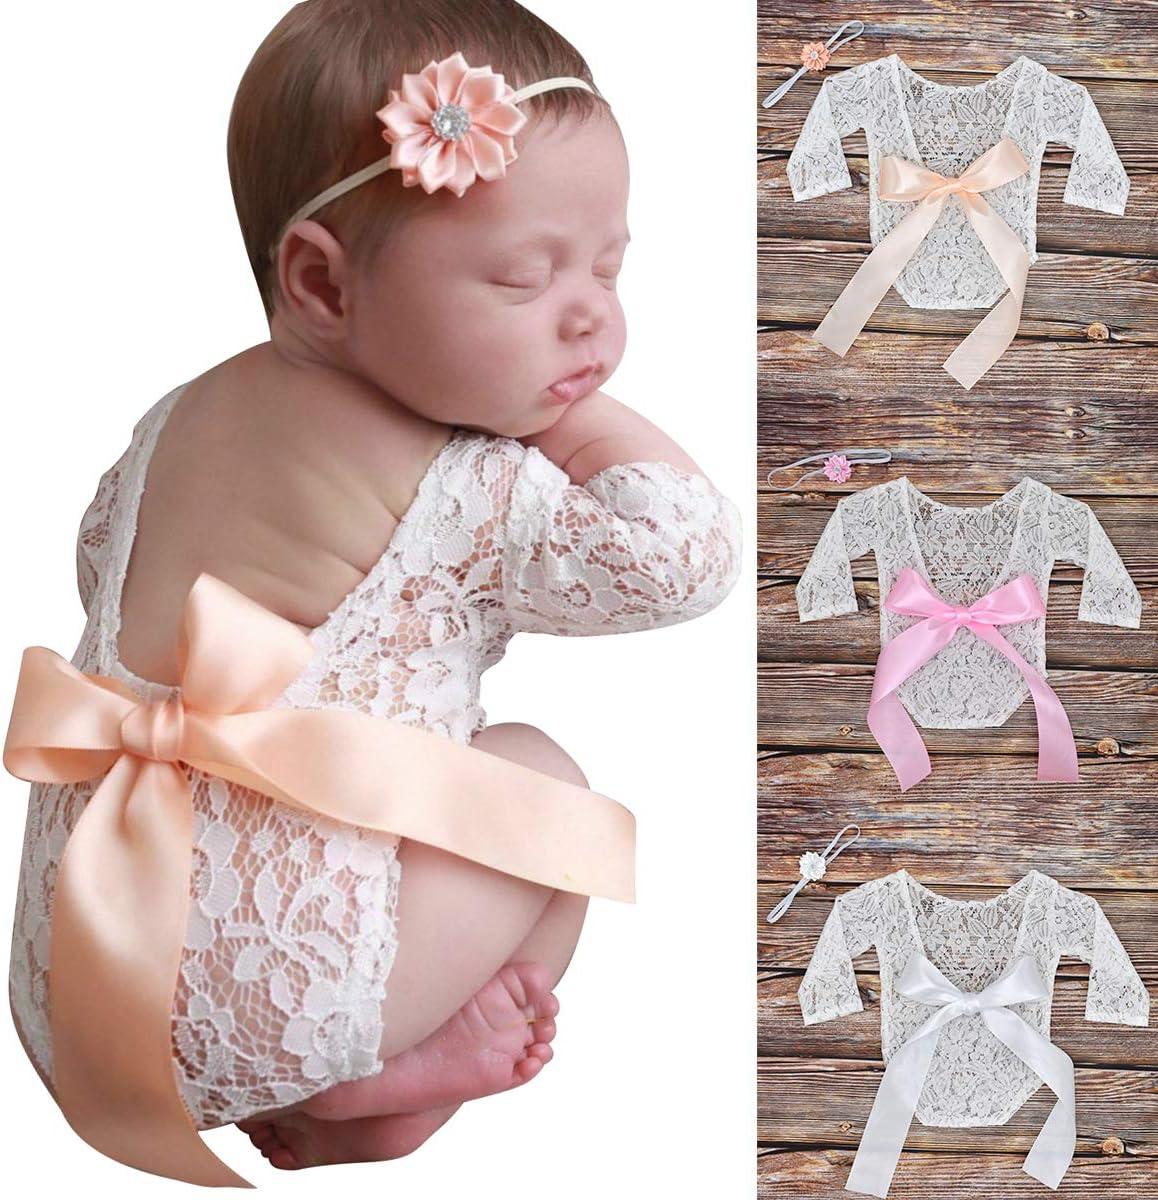 DaMohony Ropa de Fotograf/ía para beb/és reci/én Nacidos Accesorios de fotograf/ía de 2 Piezas Ropa Encaje Blanco Infantiles